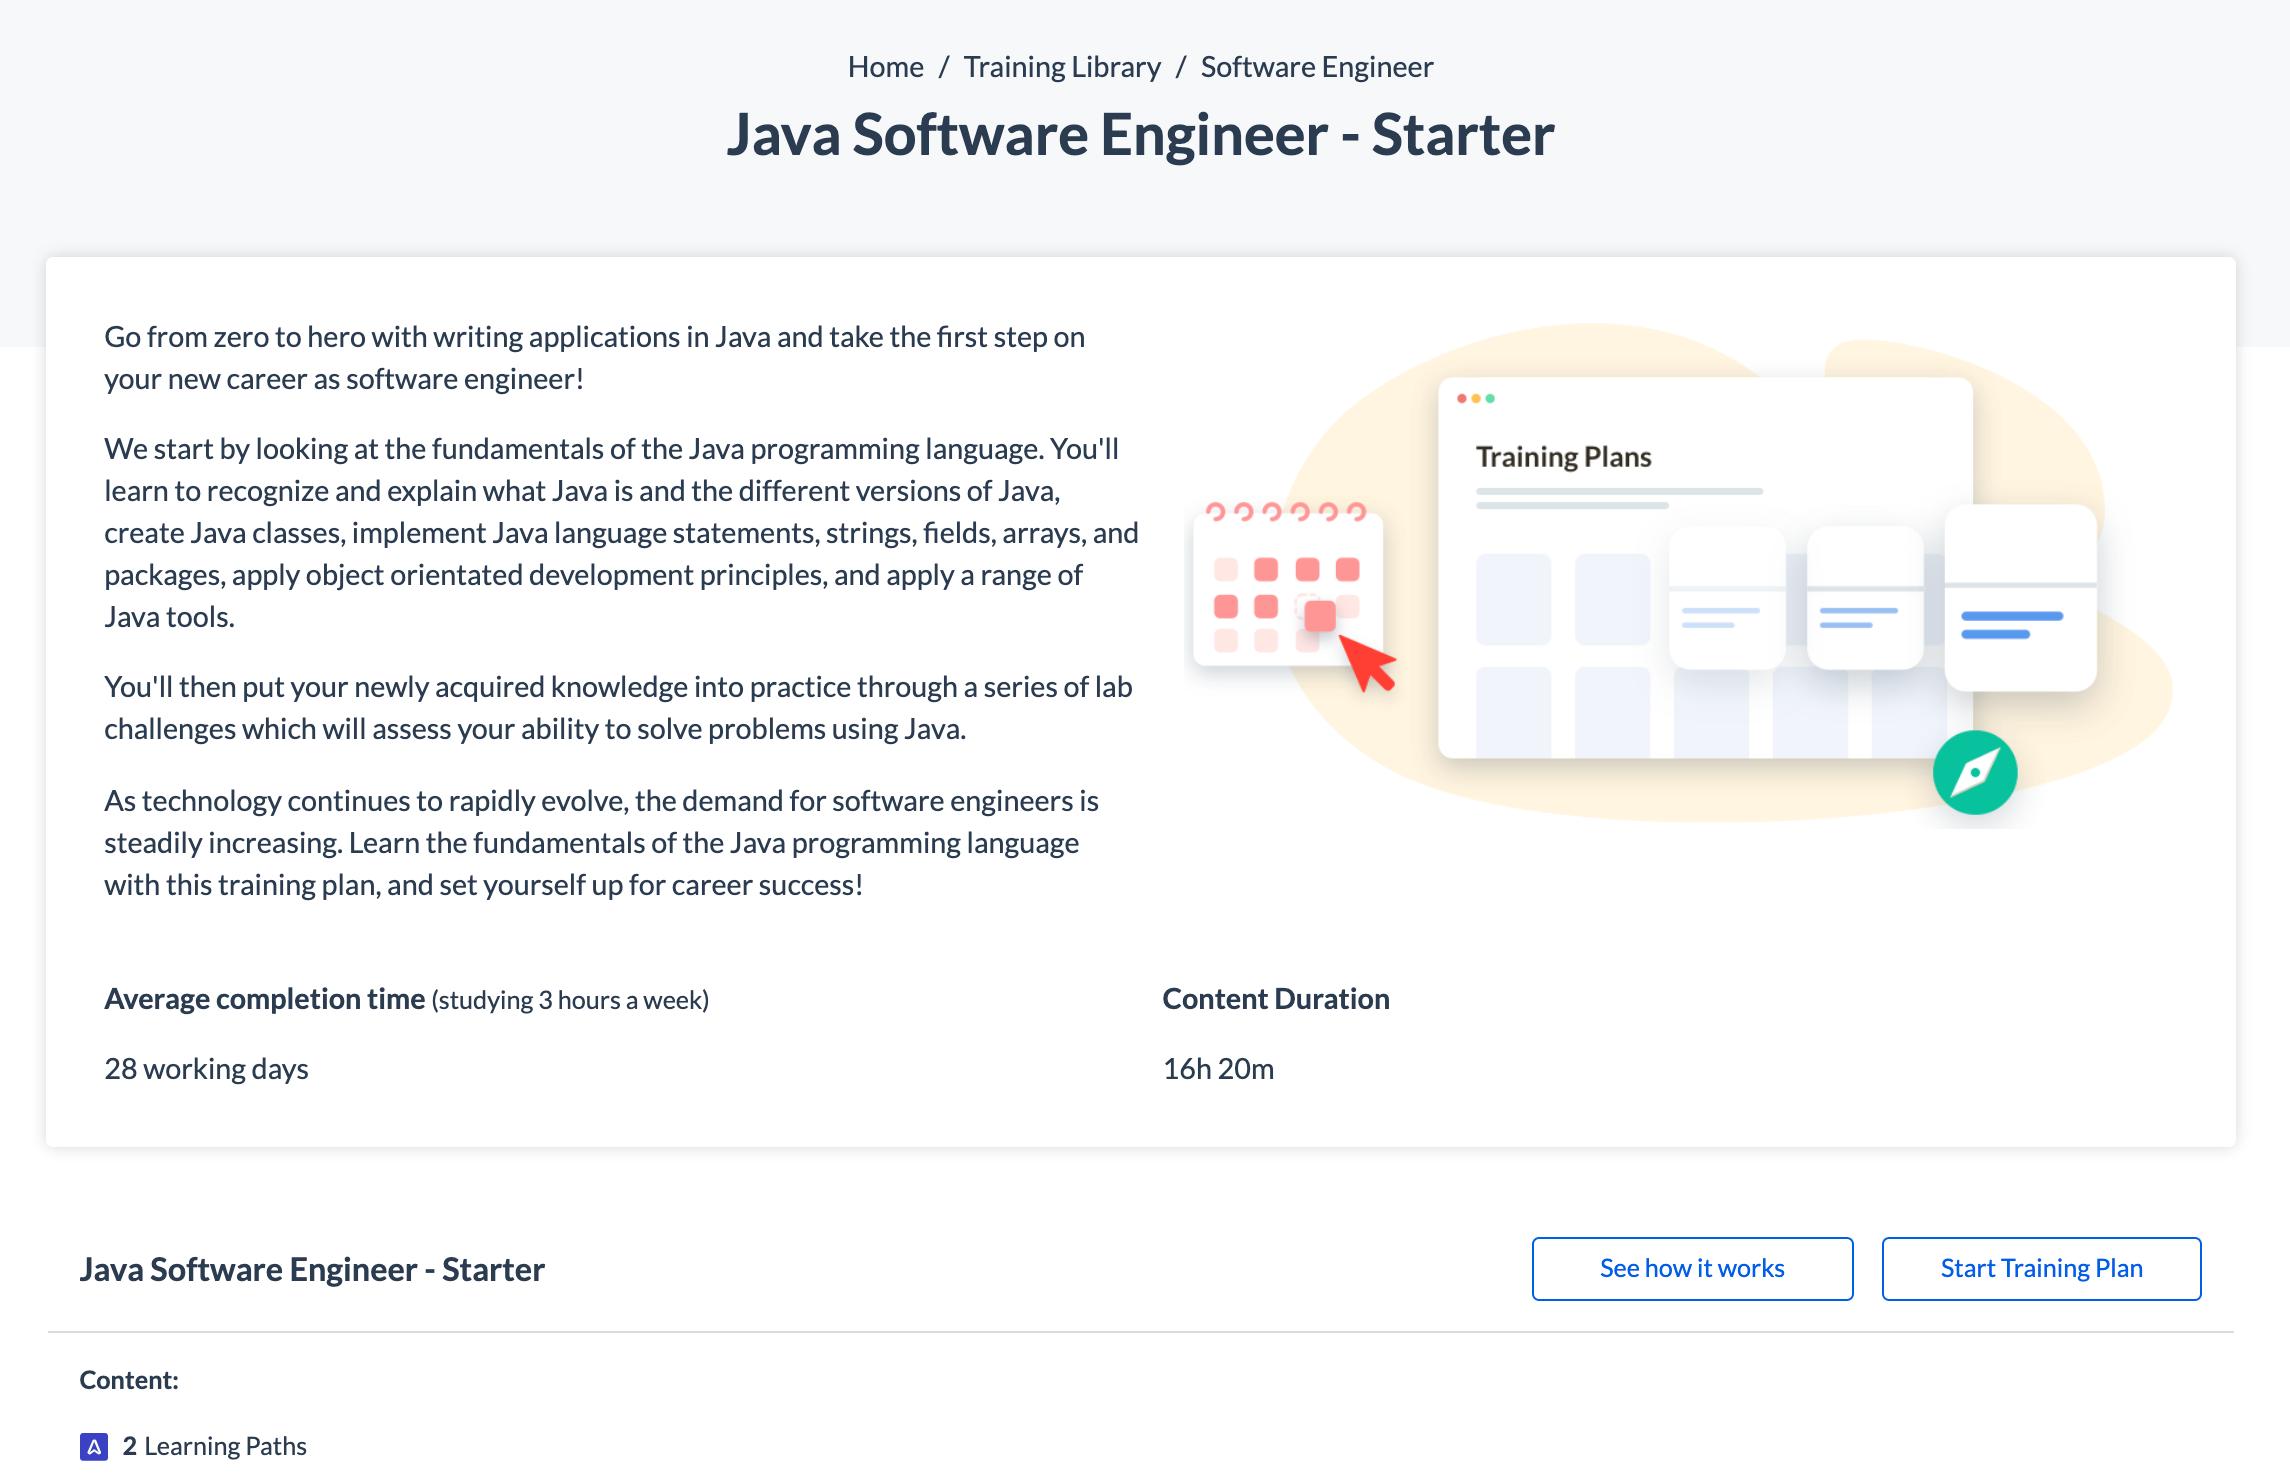 Java Software Engineer Career Paths